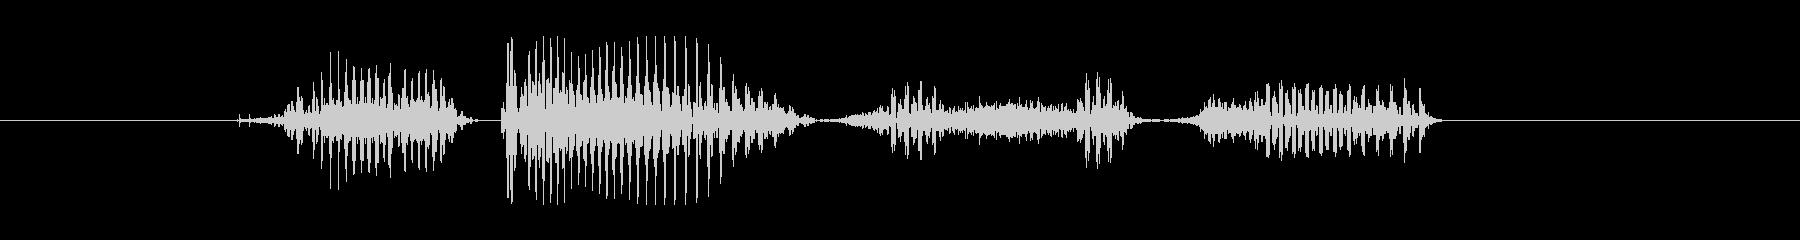 キャンペーン実施中 低音の未再生の波形